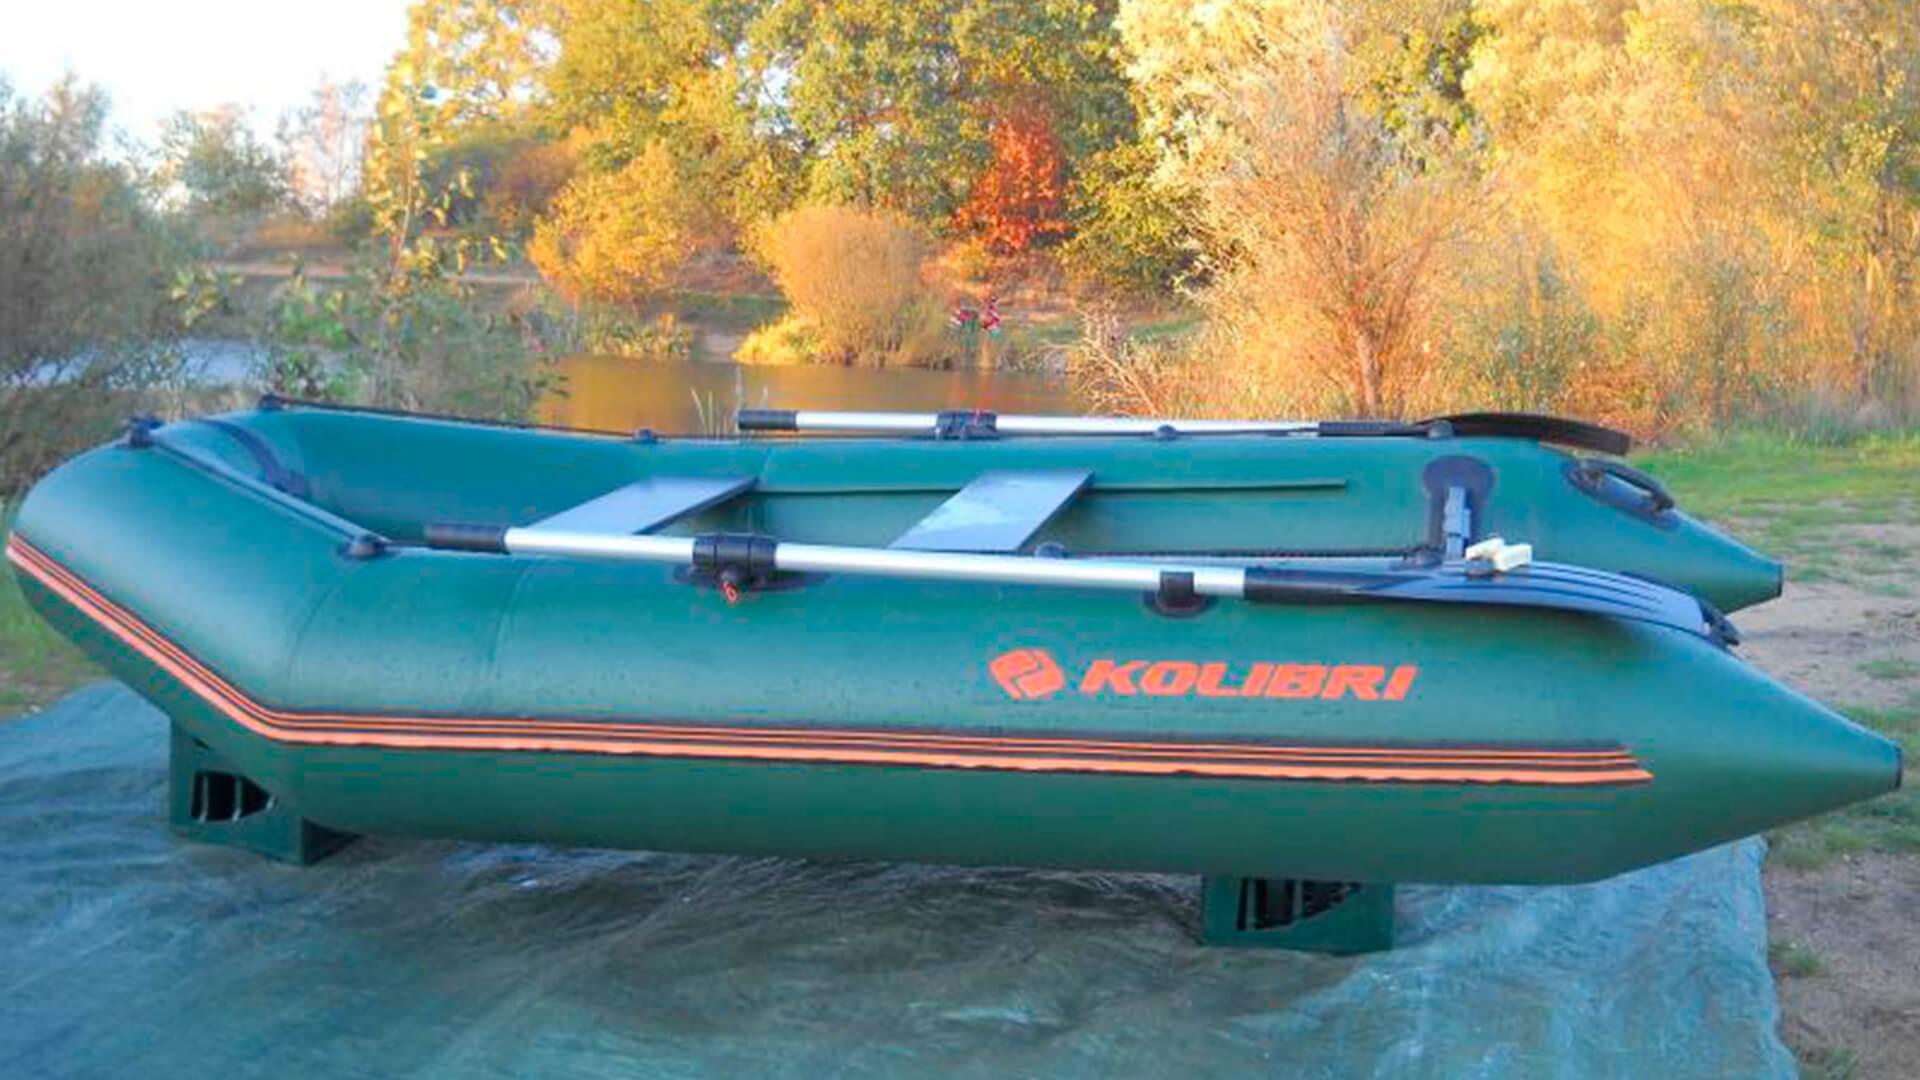 Надувная лодка Колибри КМ-330, Надувная лодка Колибри КМ-330, Надувная лодка Kolibri KM-330, Надувная лодка Kolibri KM-330, KOLIBRI KM-330, Колибри KM-330,  KOLIBRI KM 330, KM-330, KOLIBRI KM330, KM330, Надувная лодка KOLIBRI, Надувная лодка Колибри, Разборная лодка, Складная лодка, надувная лодка с транцем, надувная лодка для рыбалки, надувная лодка пвх, лодка пвх